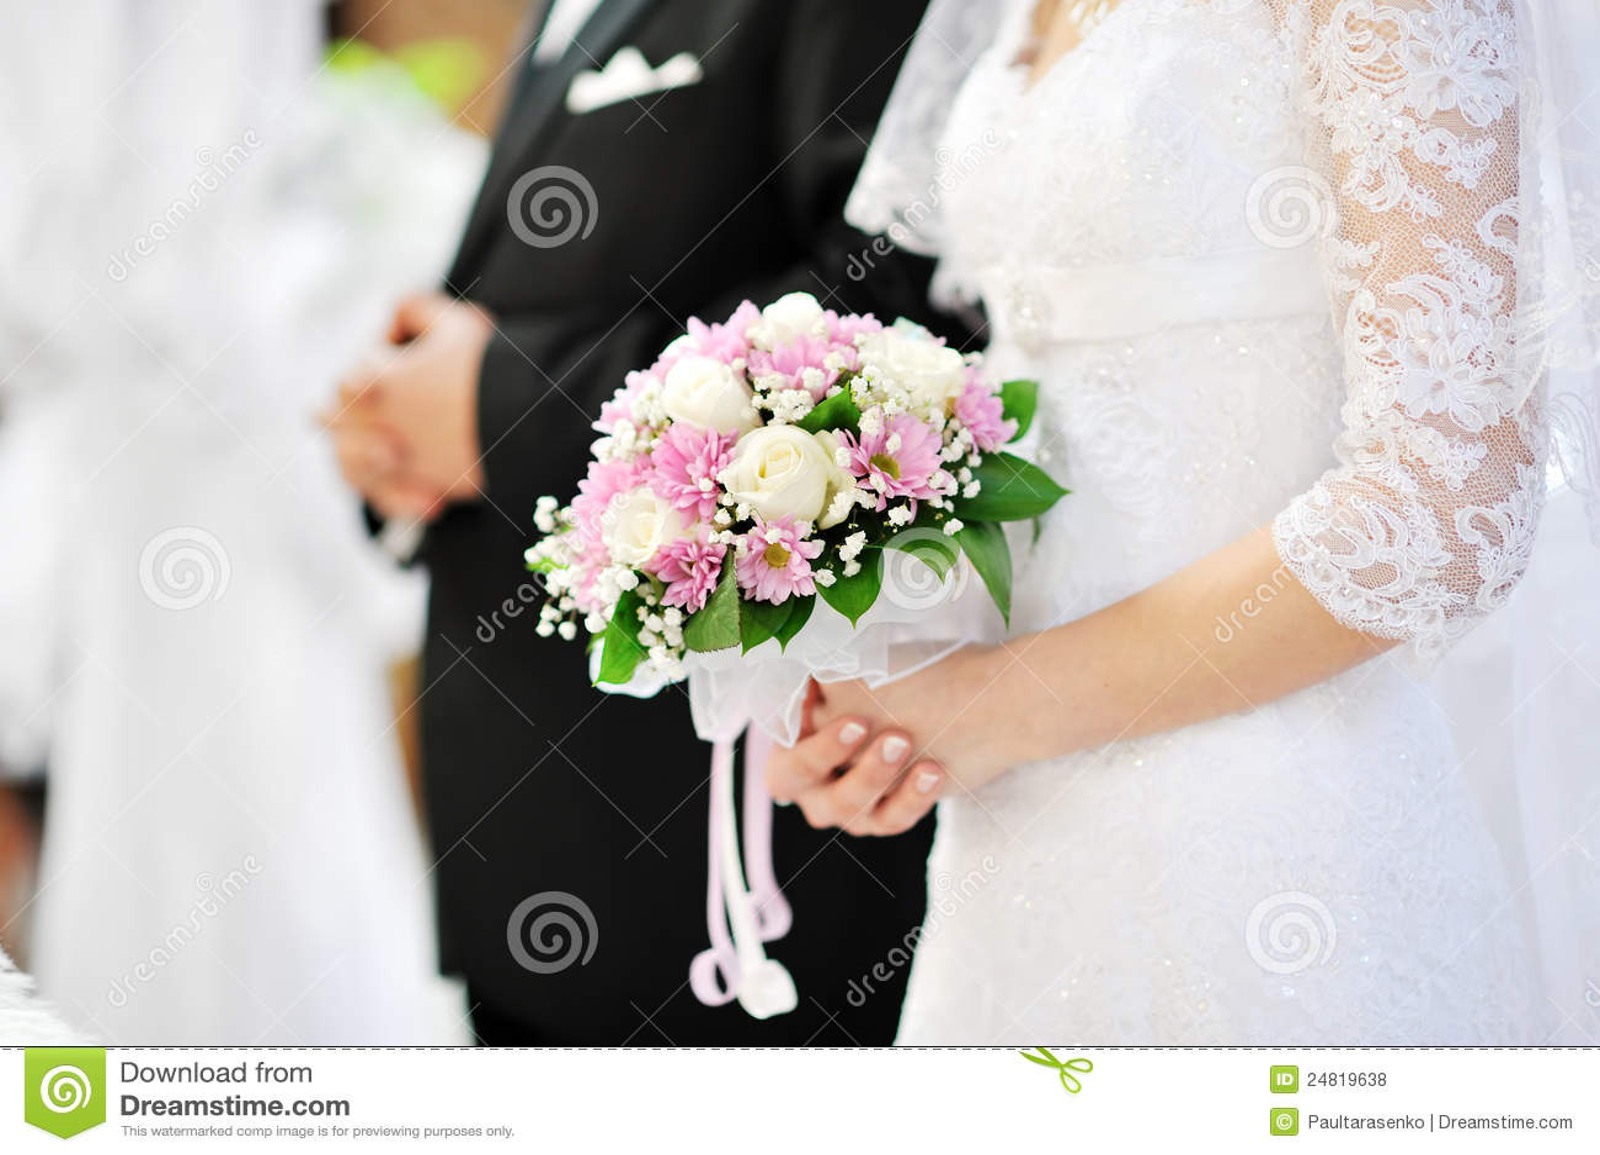 Die Braut Die Schone Hochzeit Anhalt Bluht Blumenstrauss Stockfoto